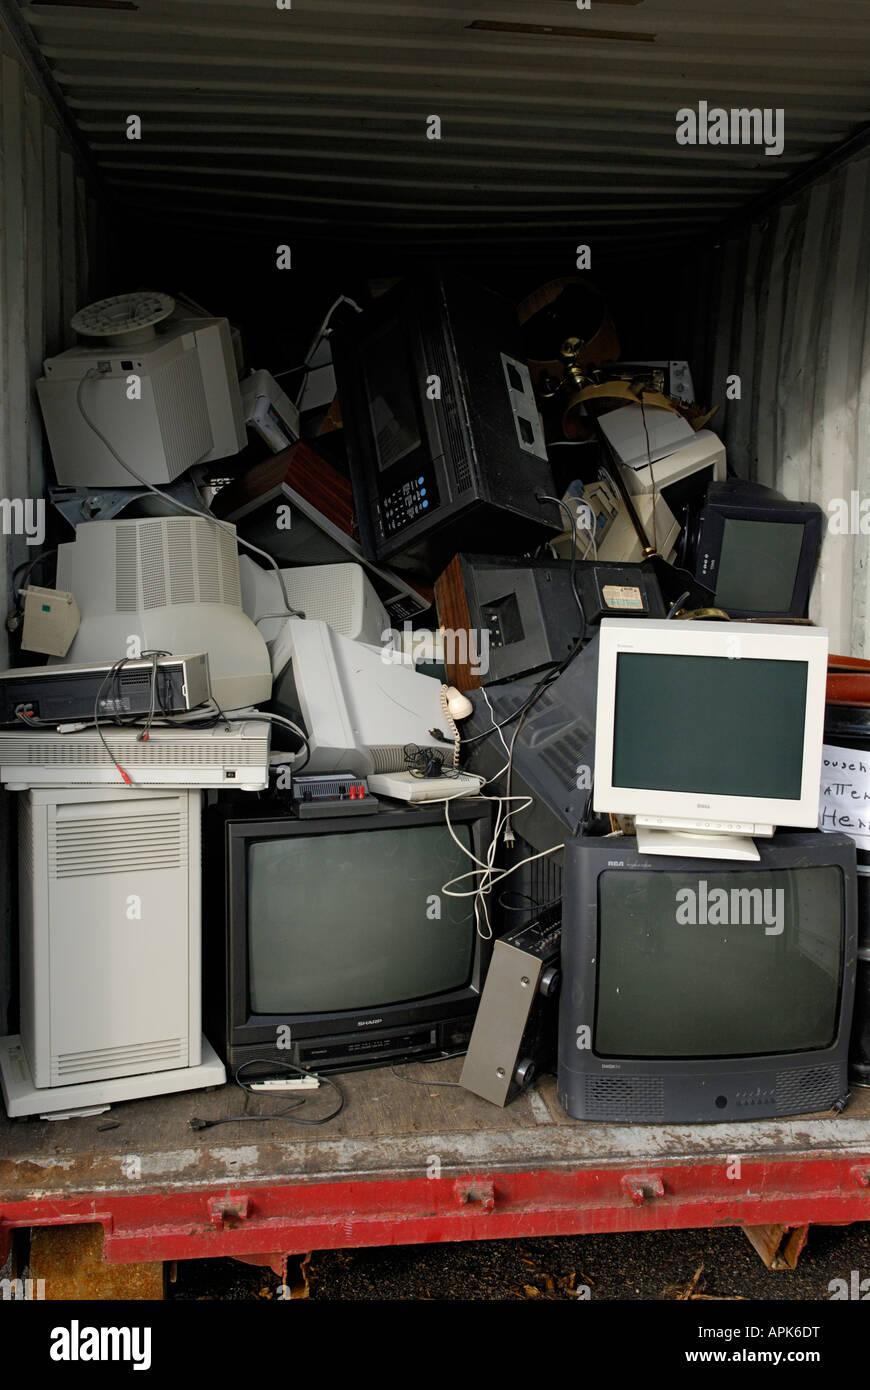 Une zone de collecte de recyclage des déchets électroniques La collection fait partie d'un centre Photo Stock